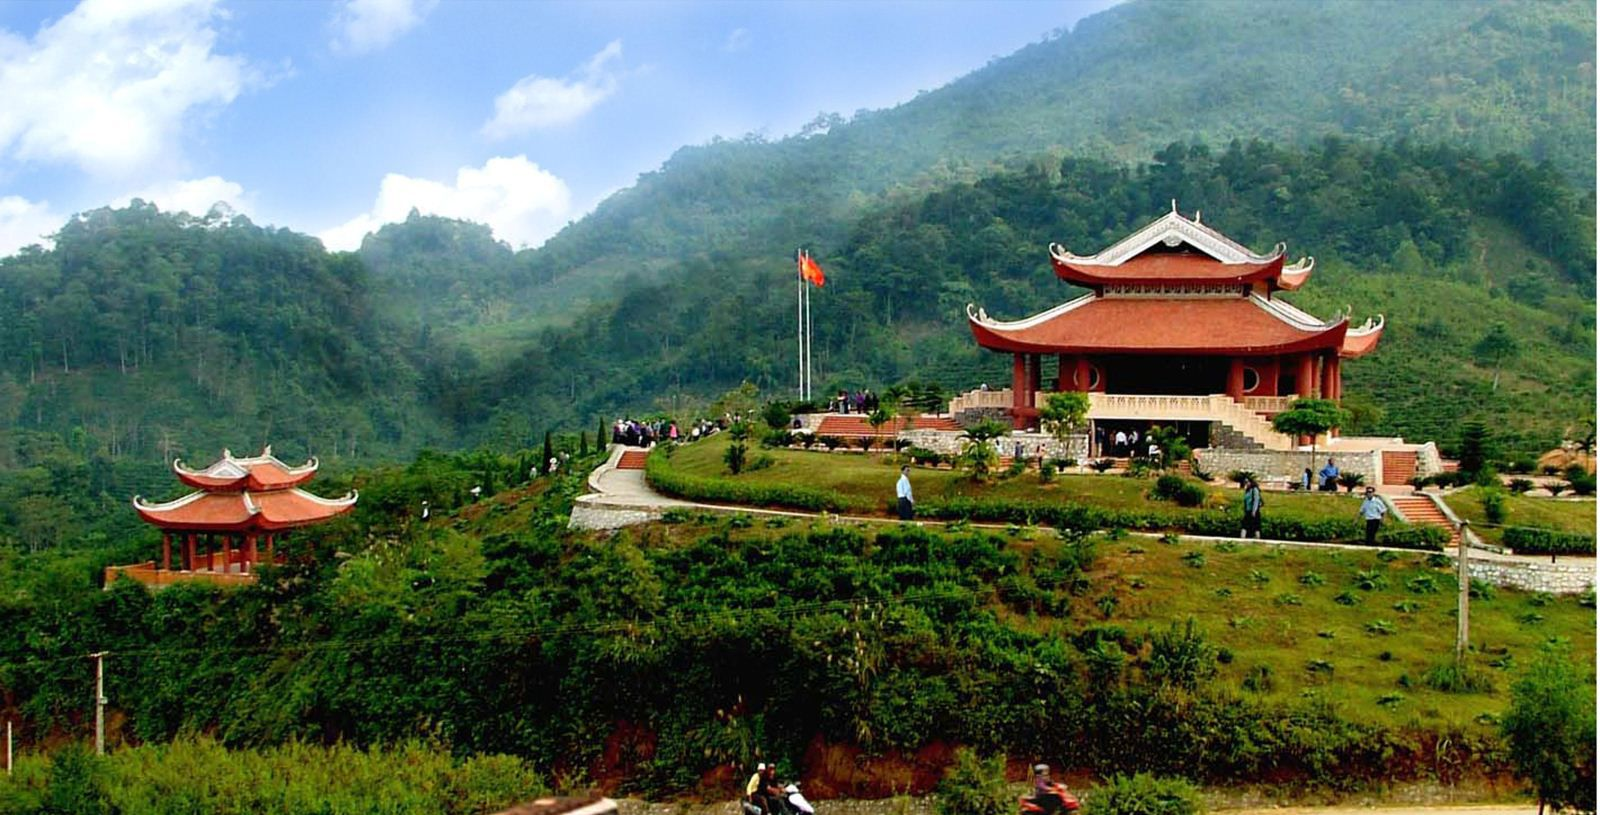 Khu di tích lịch sử ATK huyện Định Hoá – Nơi Chủ Tịch Hồ Chí Minh và các đồng chí lãnh đạo Đảng, Nhà Nước từng ở và làm việc